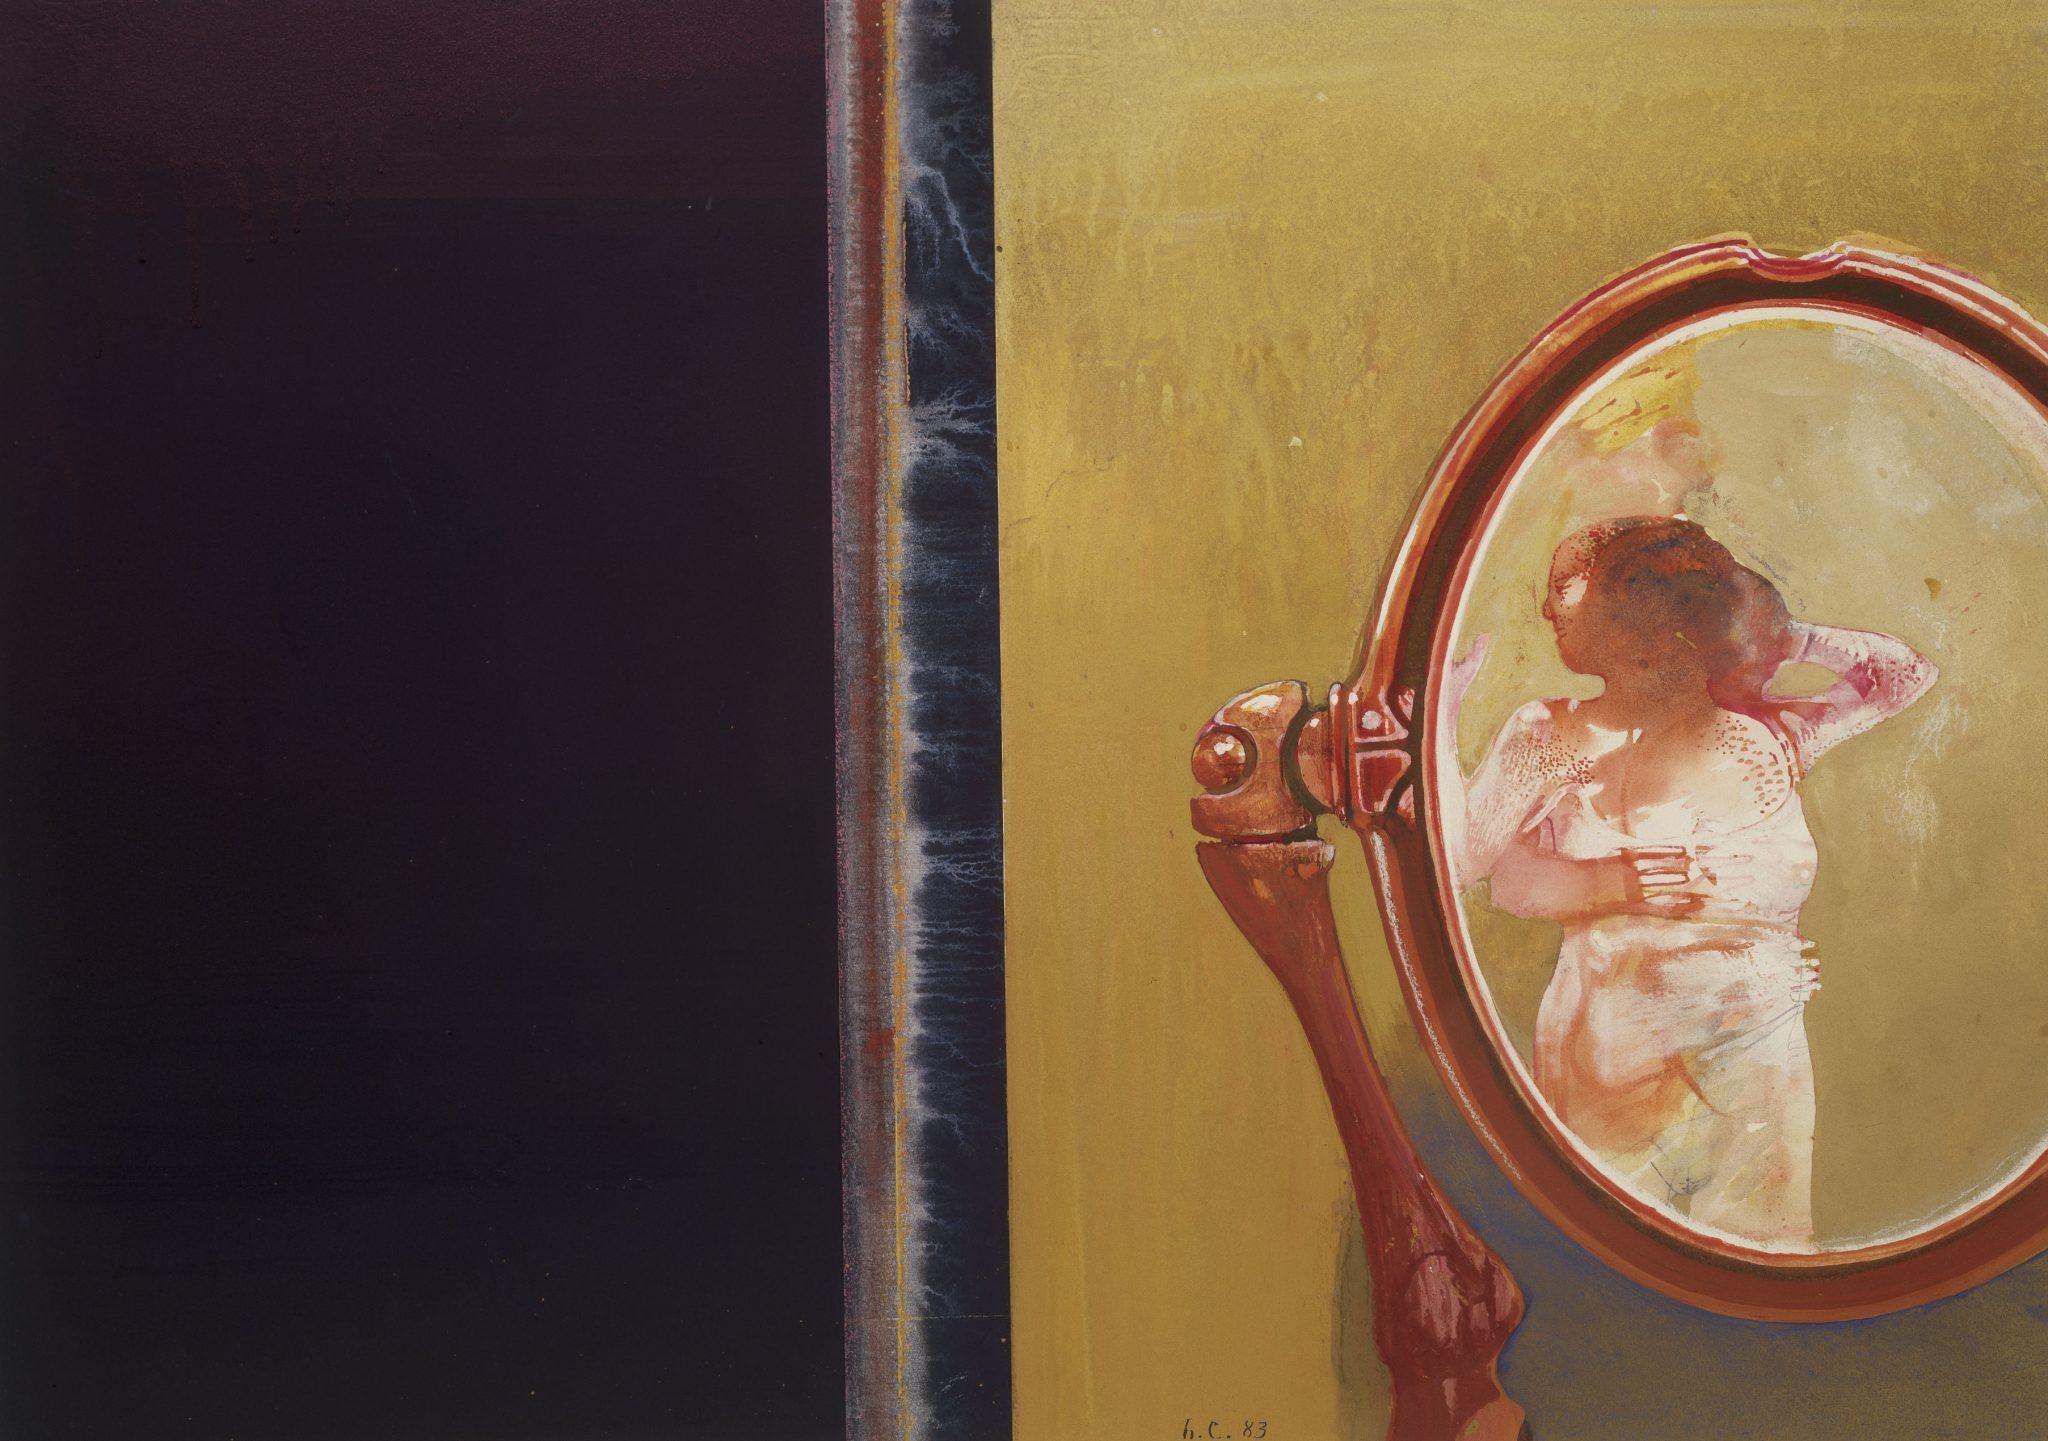 Il desiderio e la notte, 1983, tempéra et aquarelle, 45 x 53,5 cm